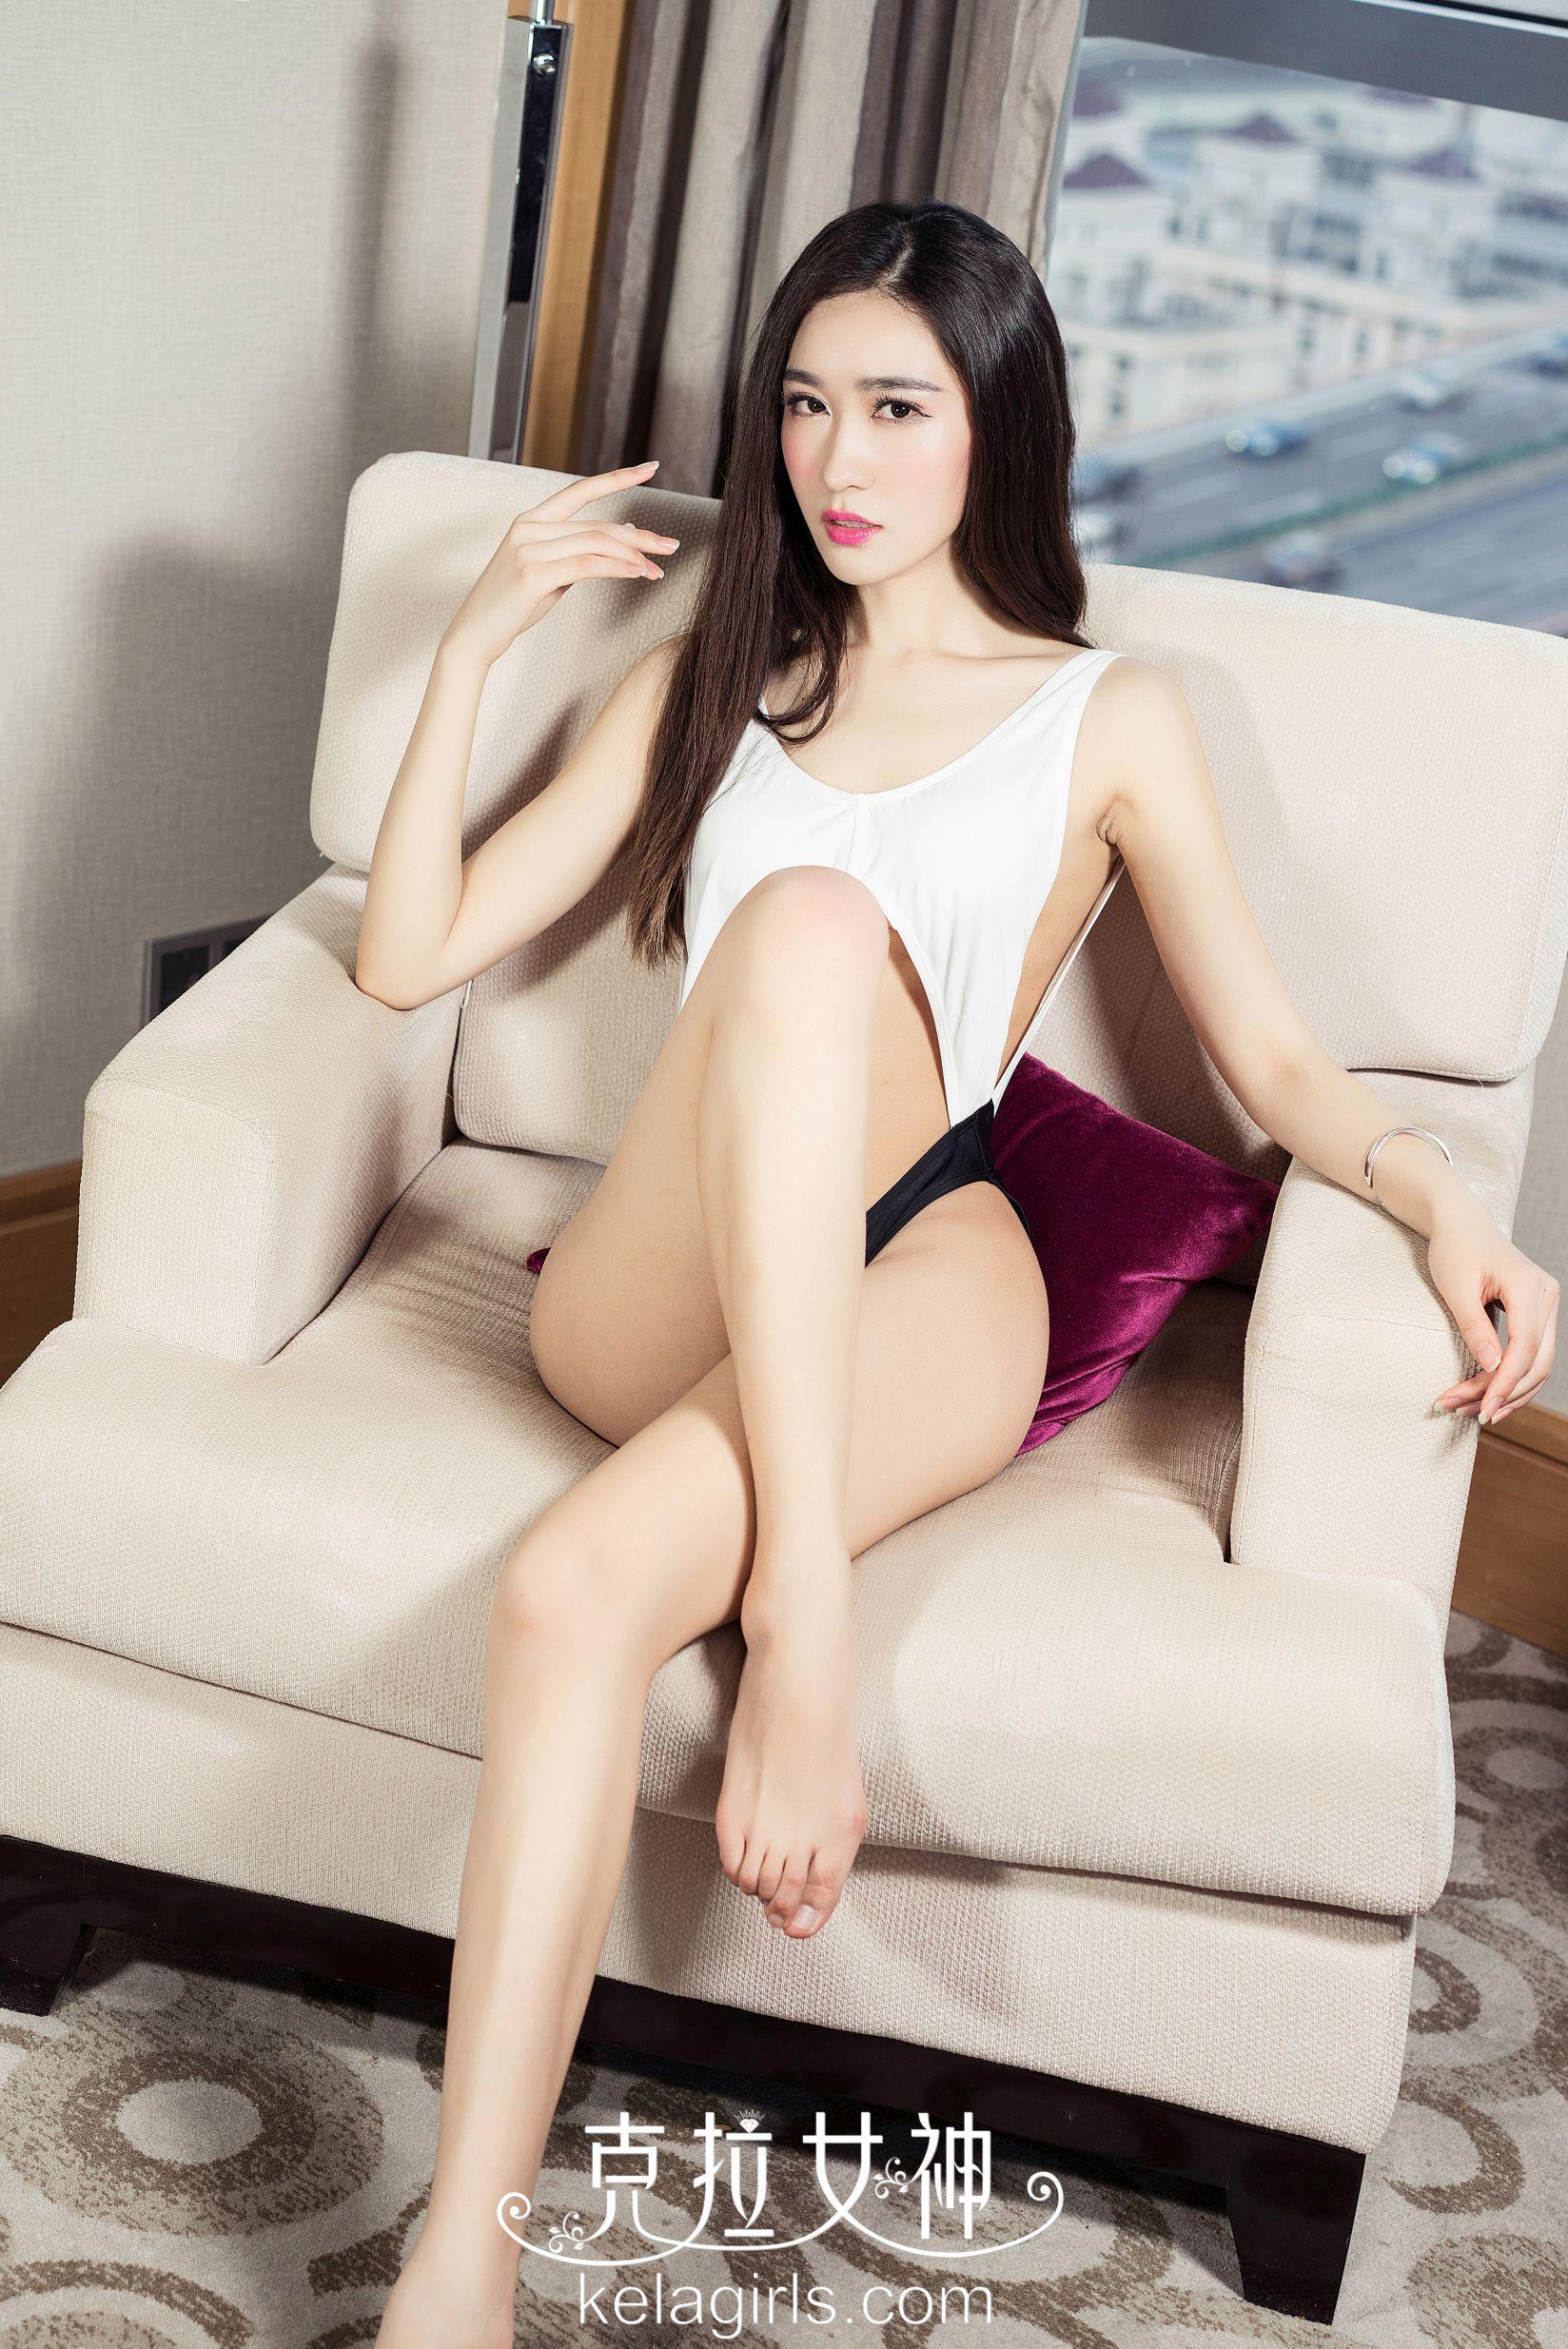 彤萱 - 夜幕下的精灵 写真图片